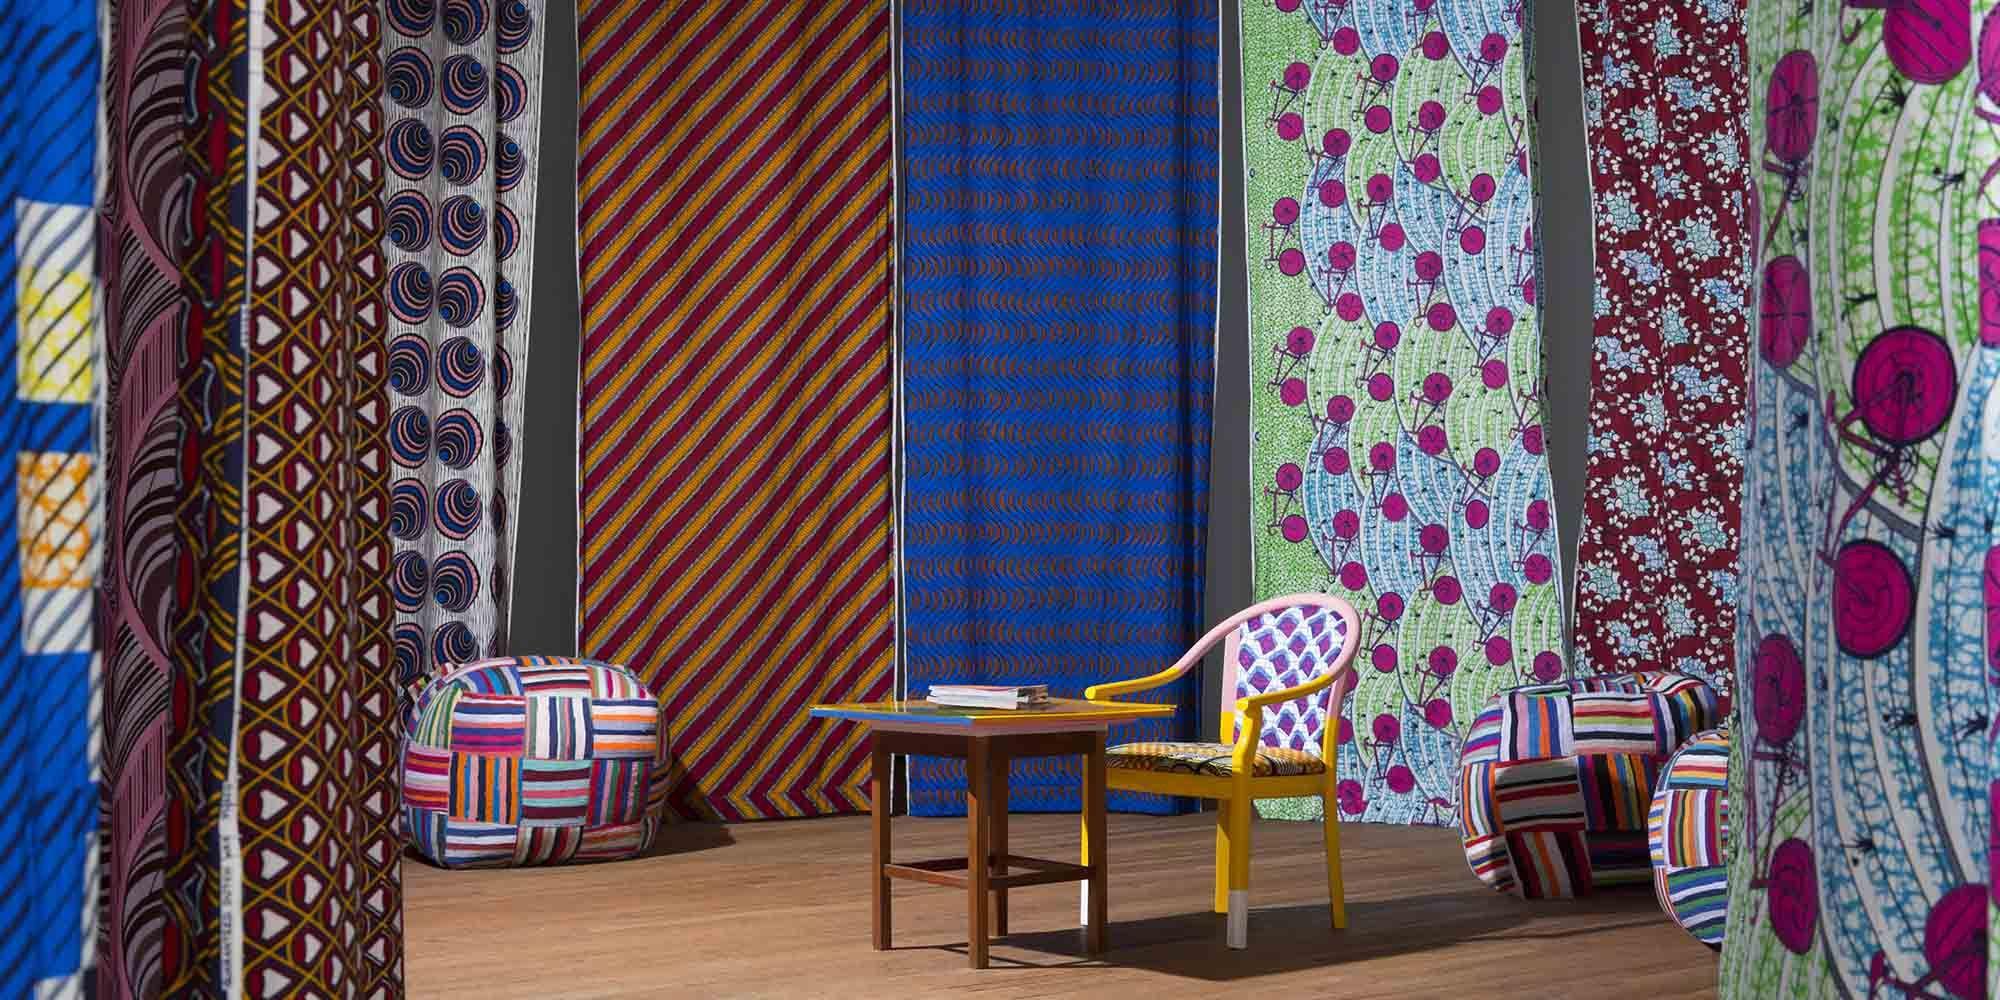 Tropenmuseum design- en interieurevents oktober